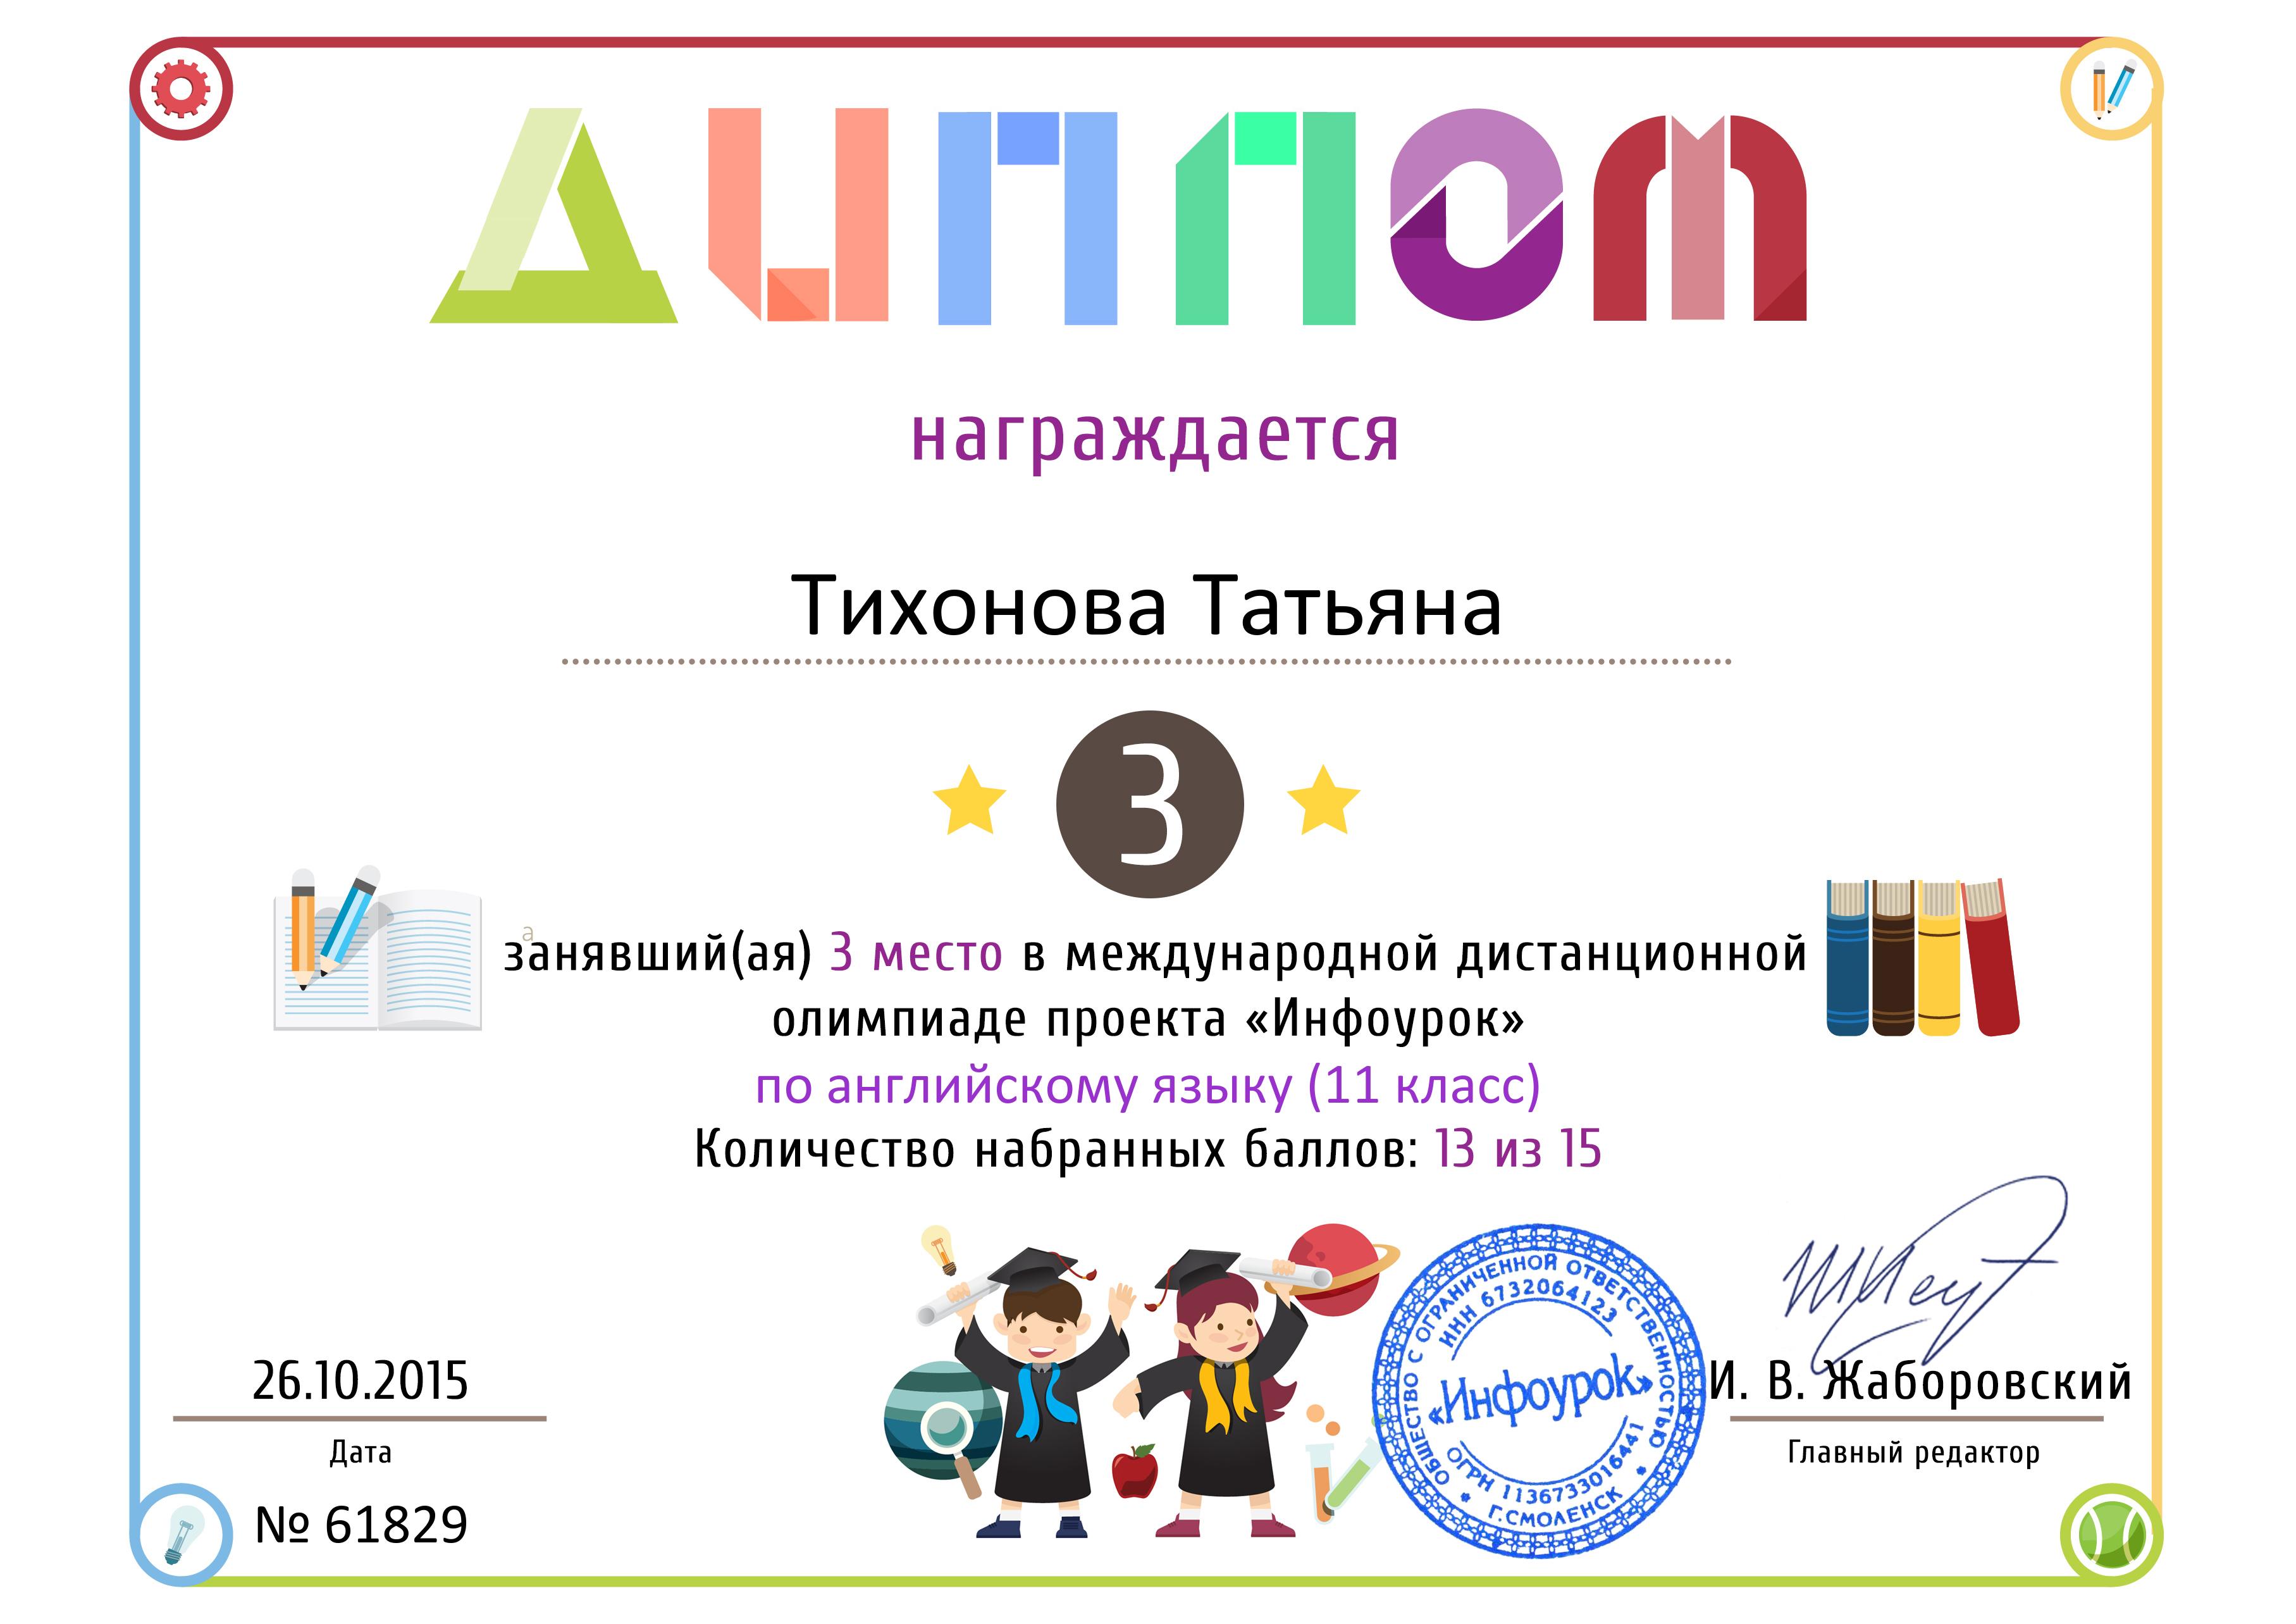 Итоги участия в конкурсах преподавателей английского языка certificate kids diploma kindergarten template layout background frame design vector education preschool concept flat